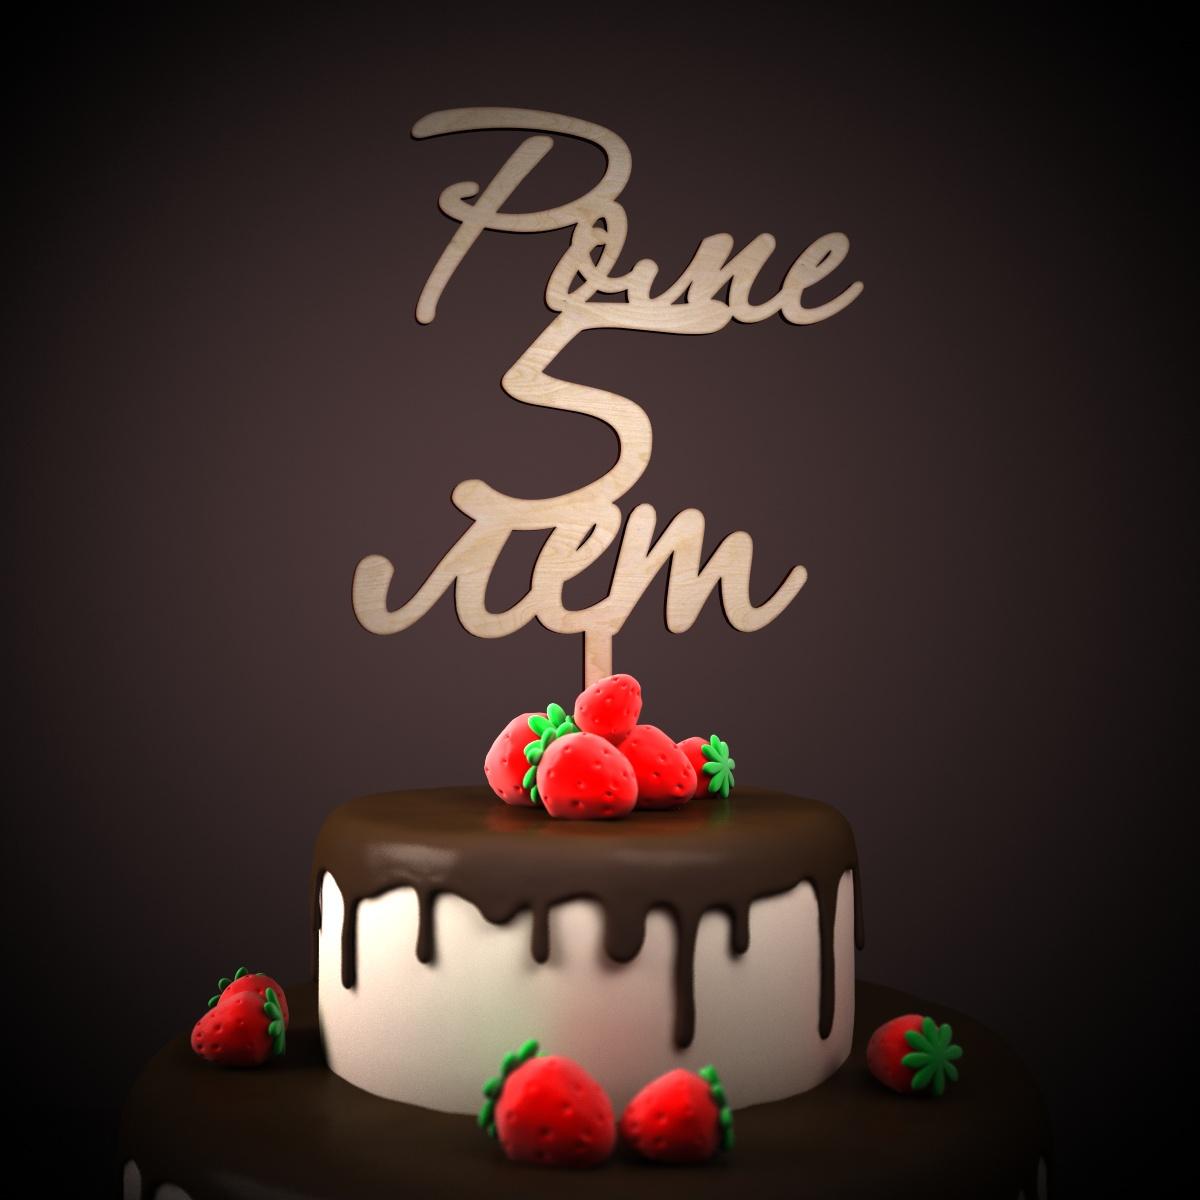 Поздравления на день рождения роме